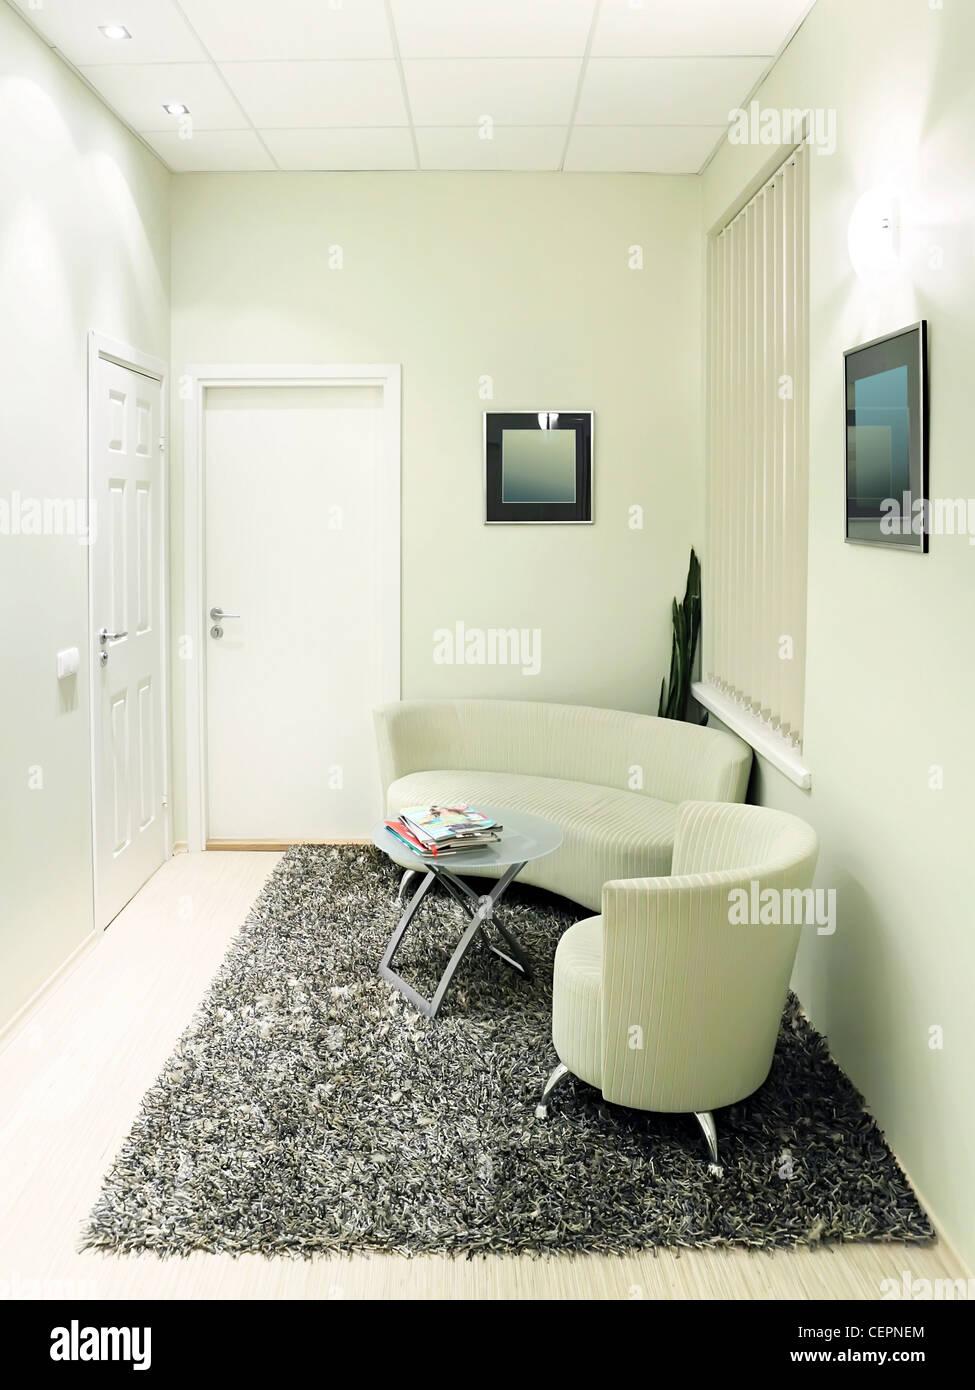 Vuoto accogliente sala di attesa con confortevole arredamento ...